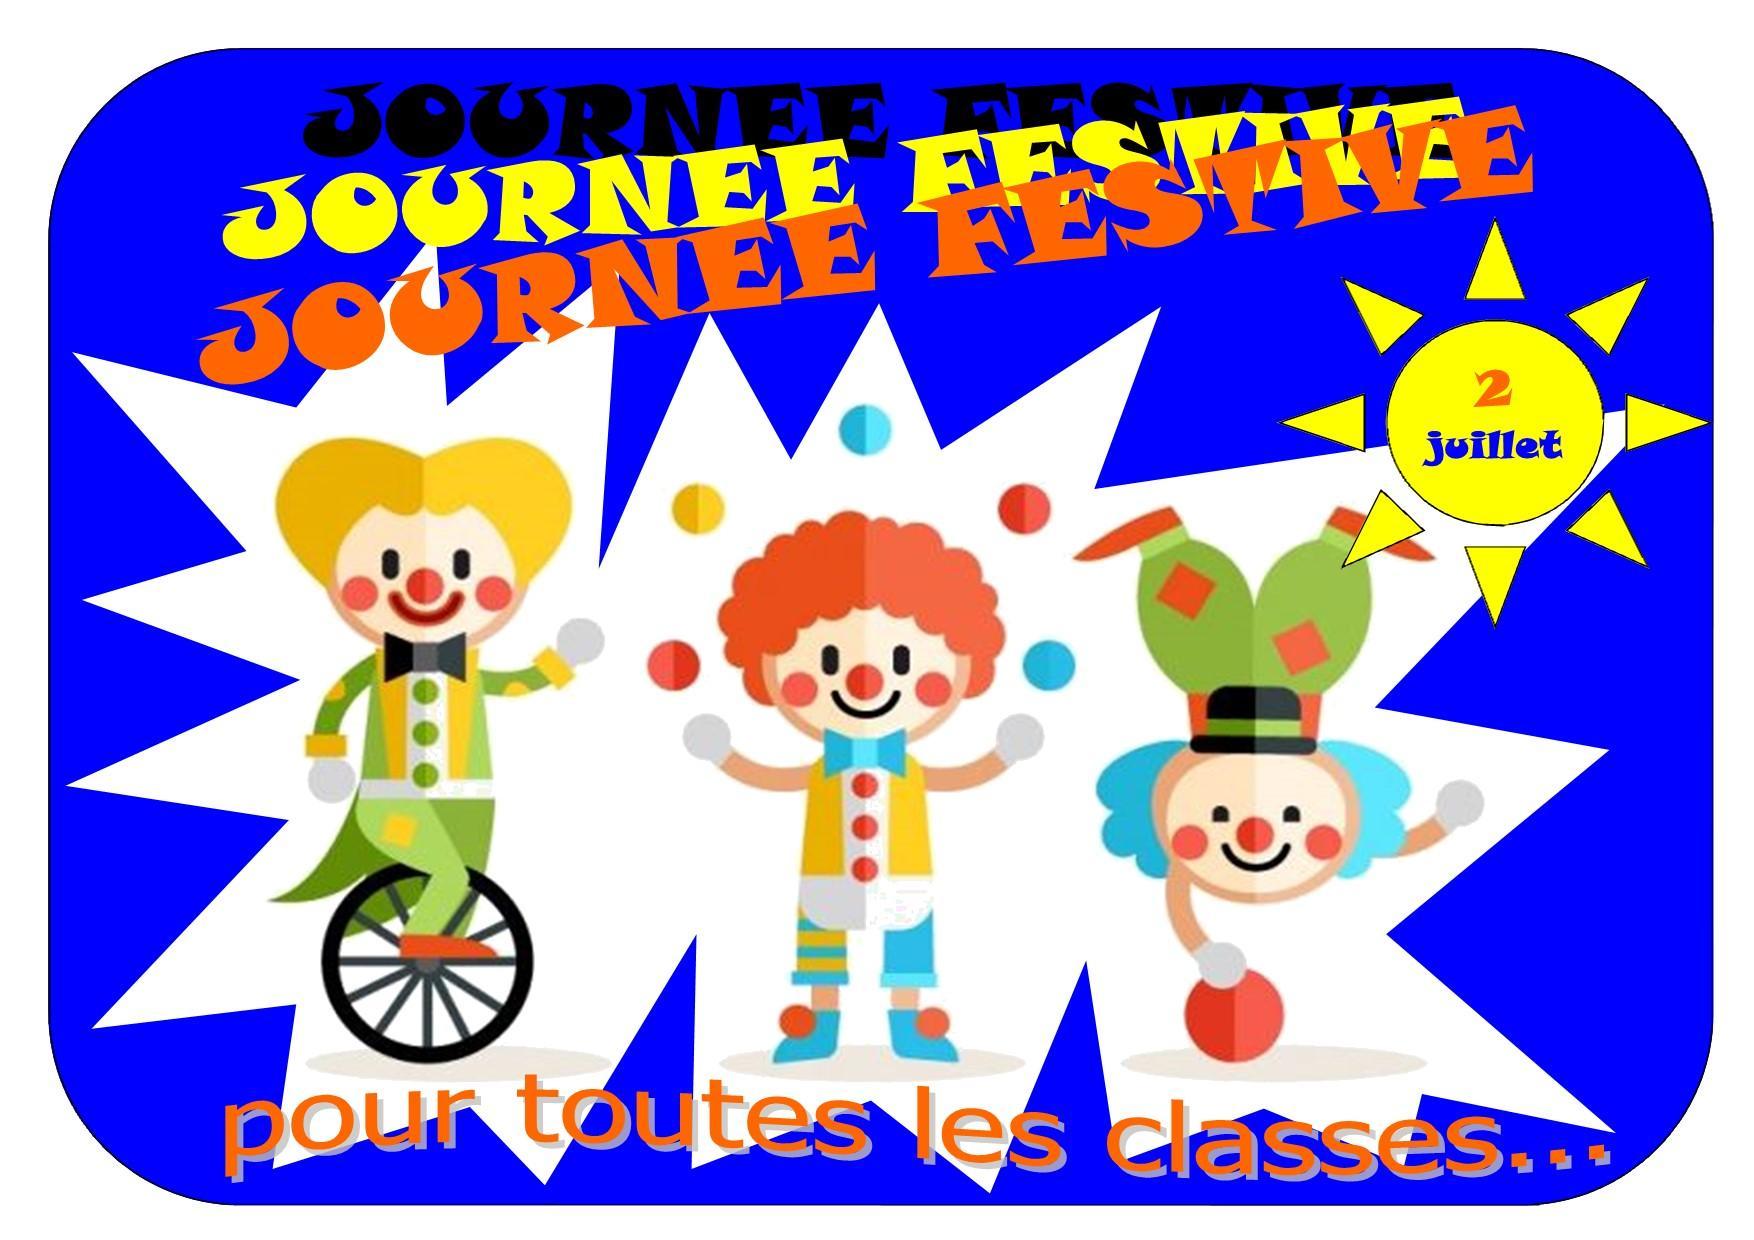 Journee festive 2021